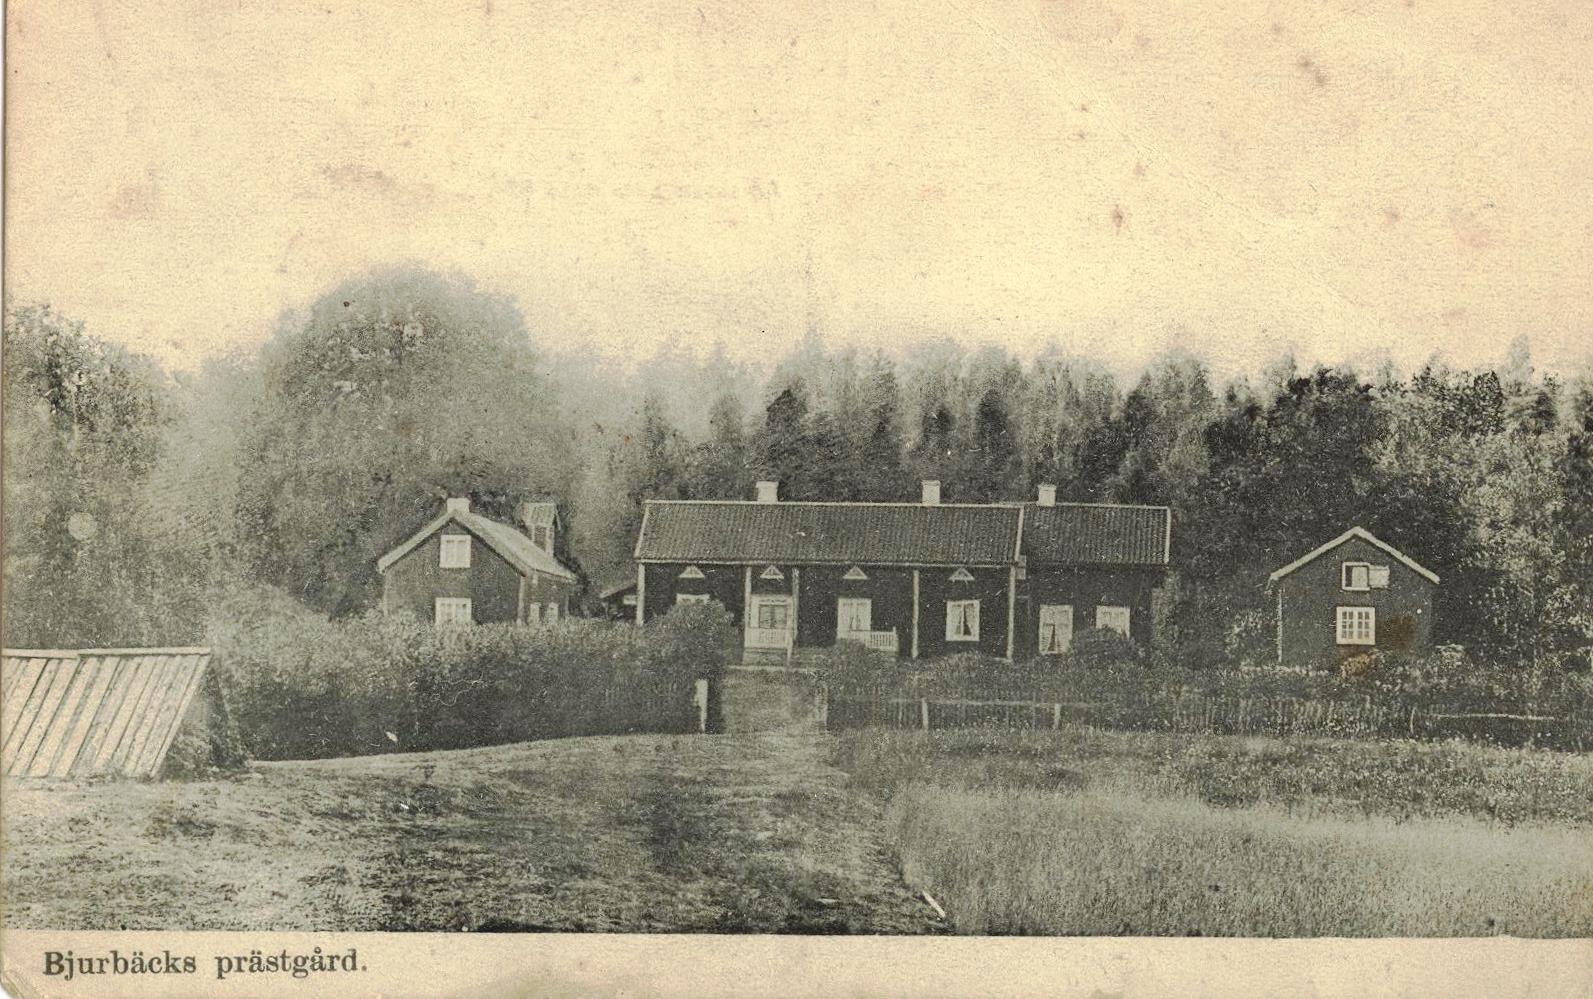 Bjurbäcks prästgård, 060 - kopia